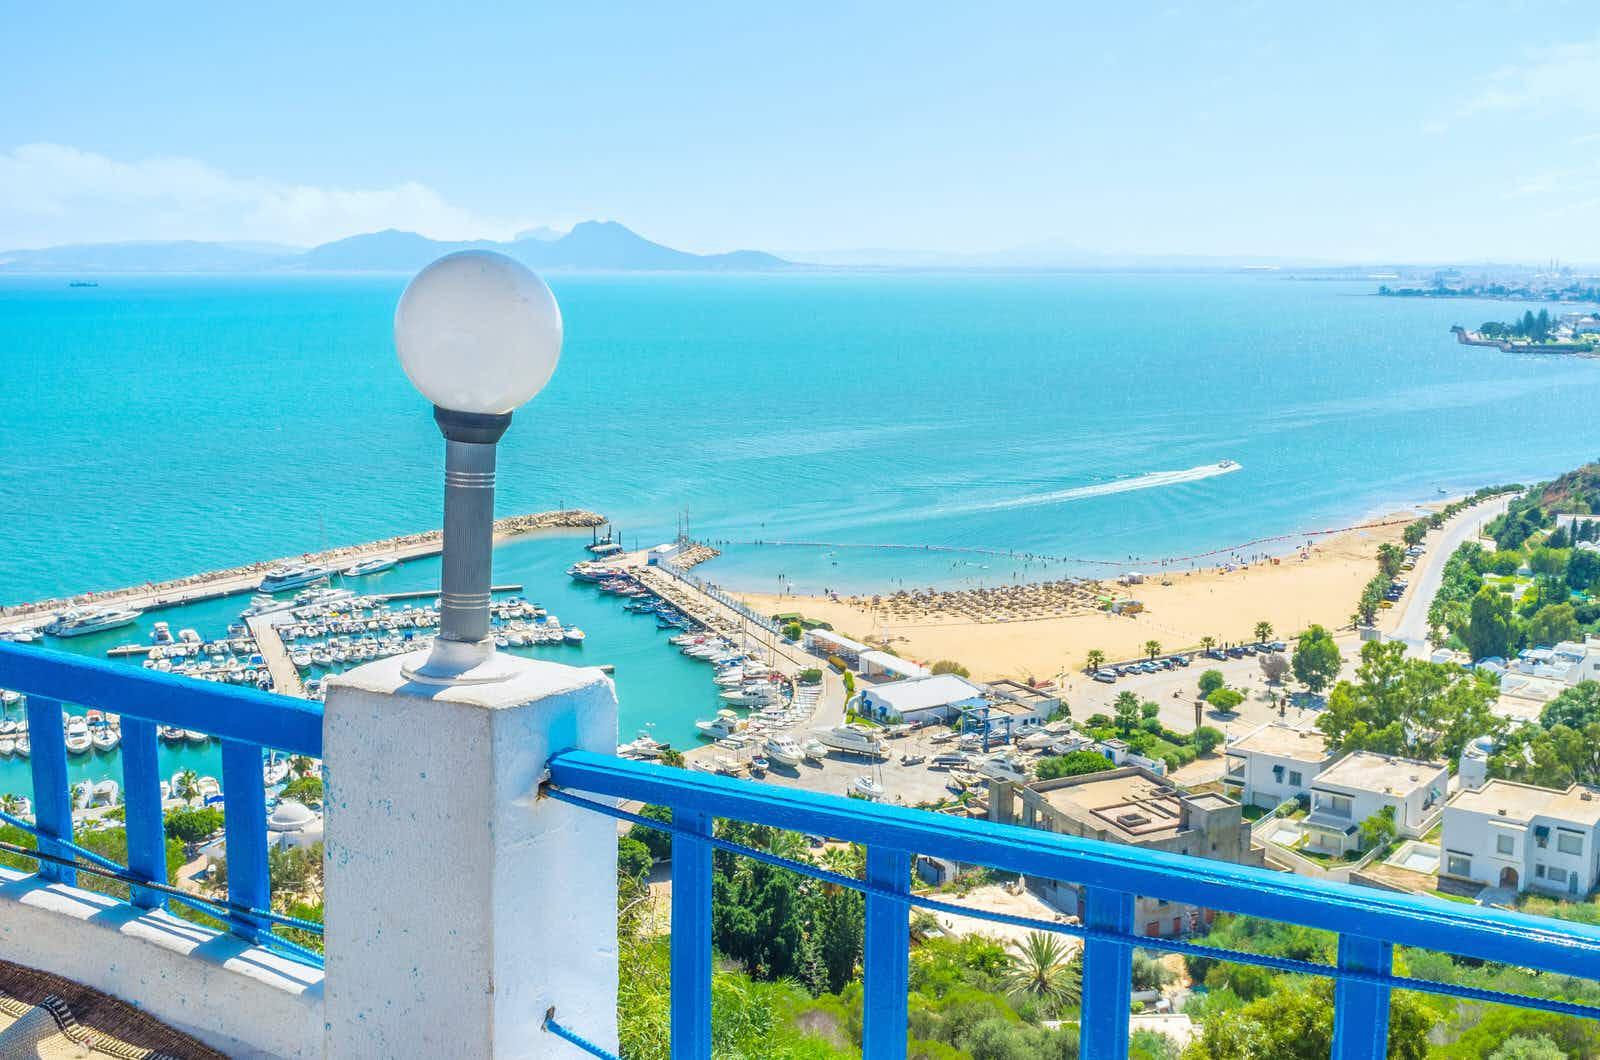 sidi-bou-said-beach-tunis-tunisia-e6f1d4c7aab9.jpg?q=25